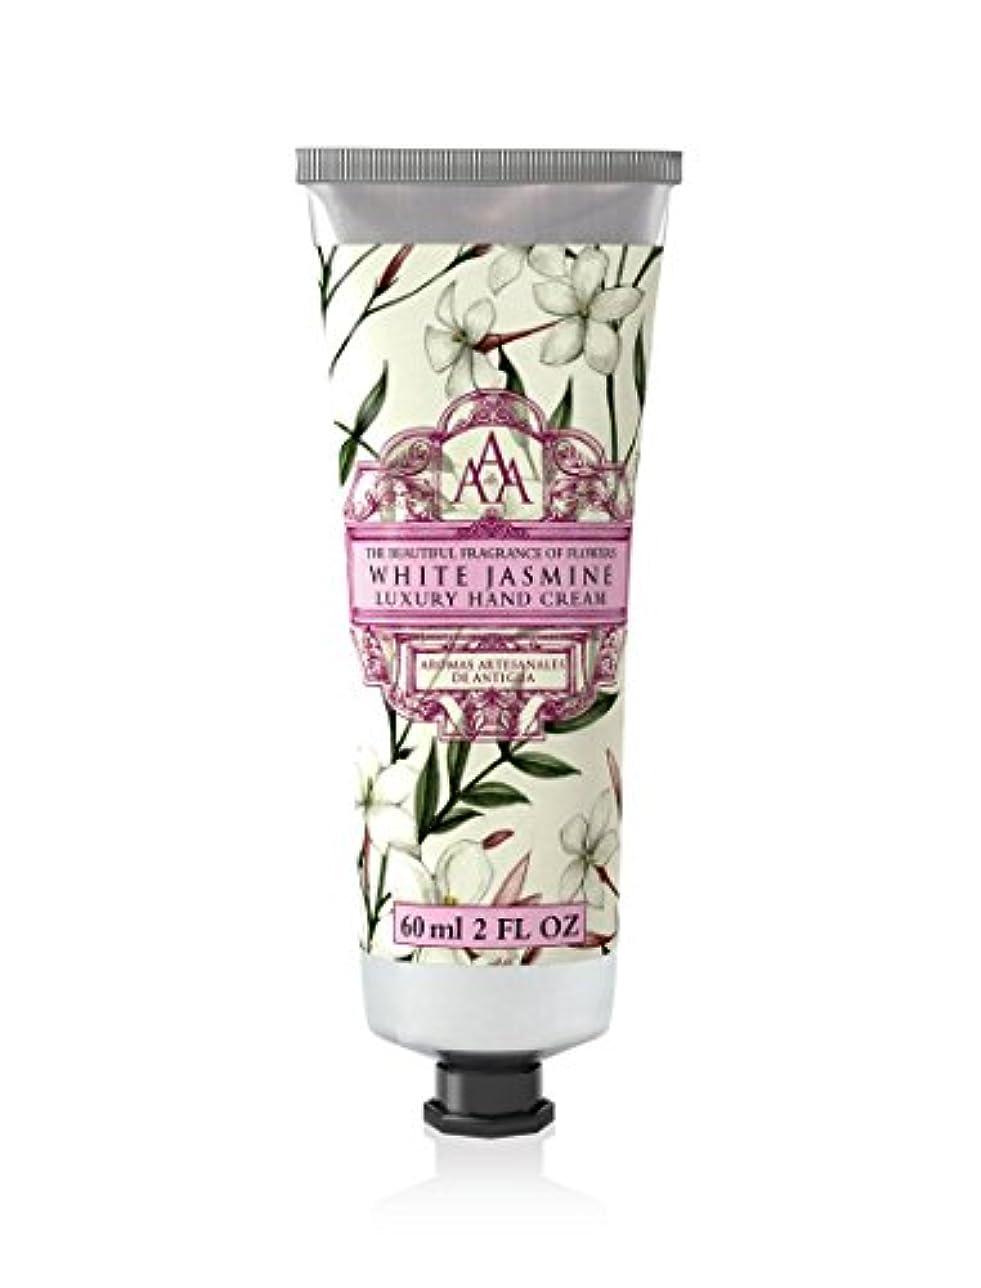 引き受ける笑フォロークルトンヒルファーム ハンドクリーム ホワイトジャスミンの香り 60ml